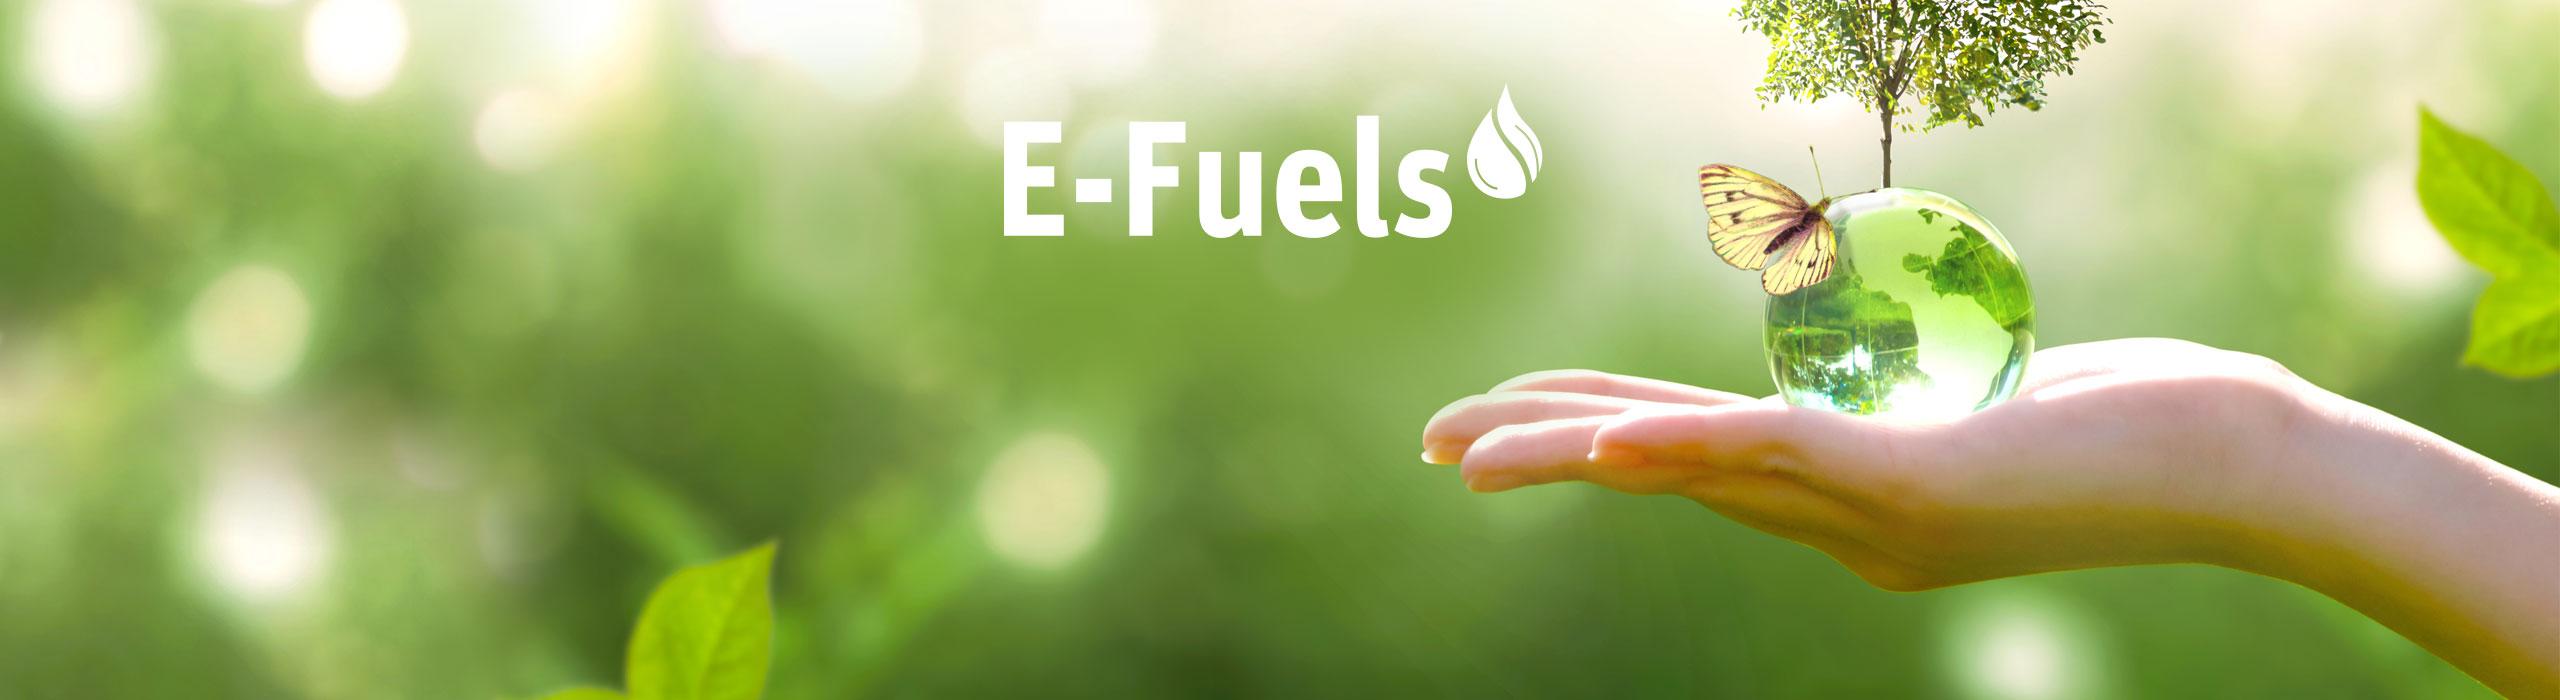 Beer Energien E-Fuels die Lösung für eine klimaneutrale Zukunft